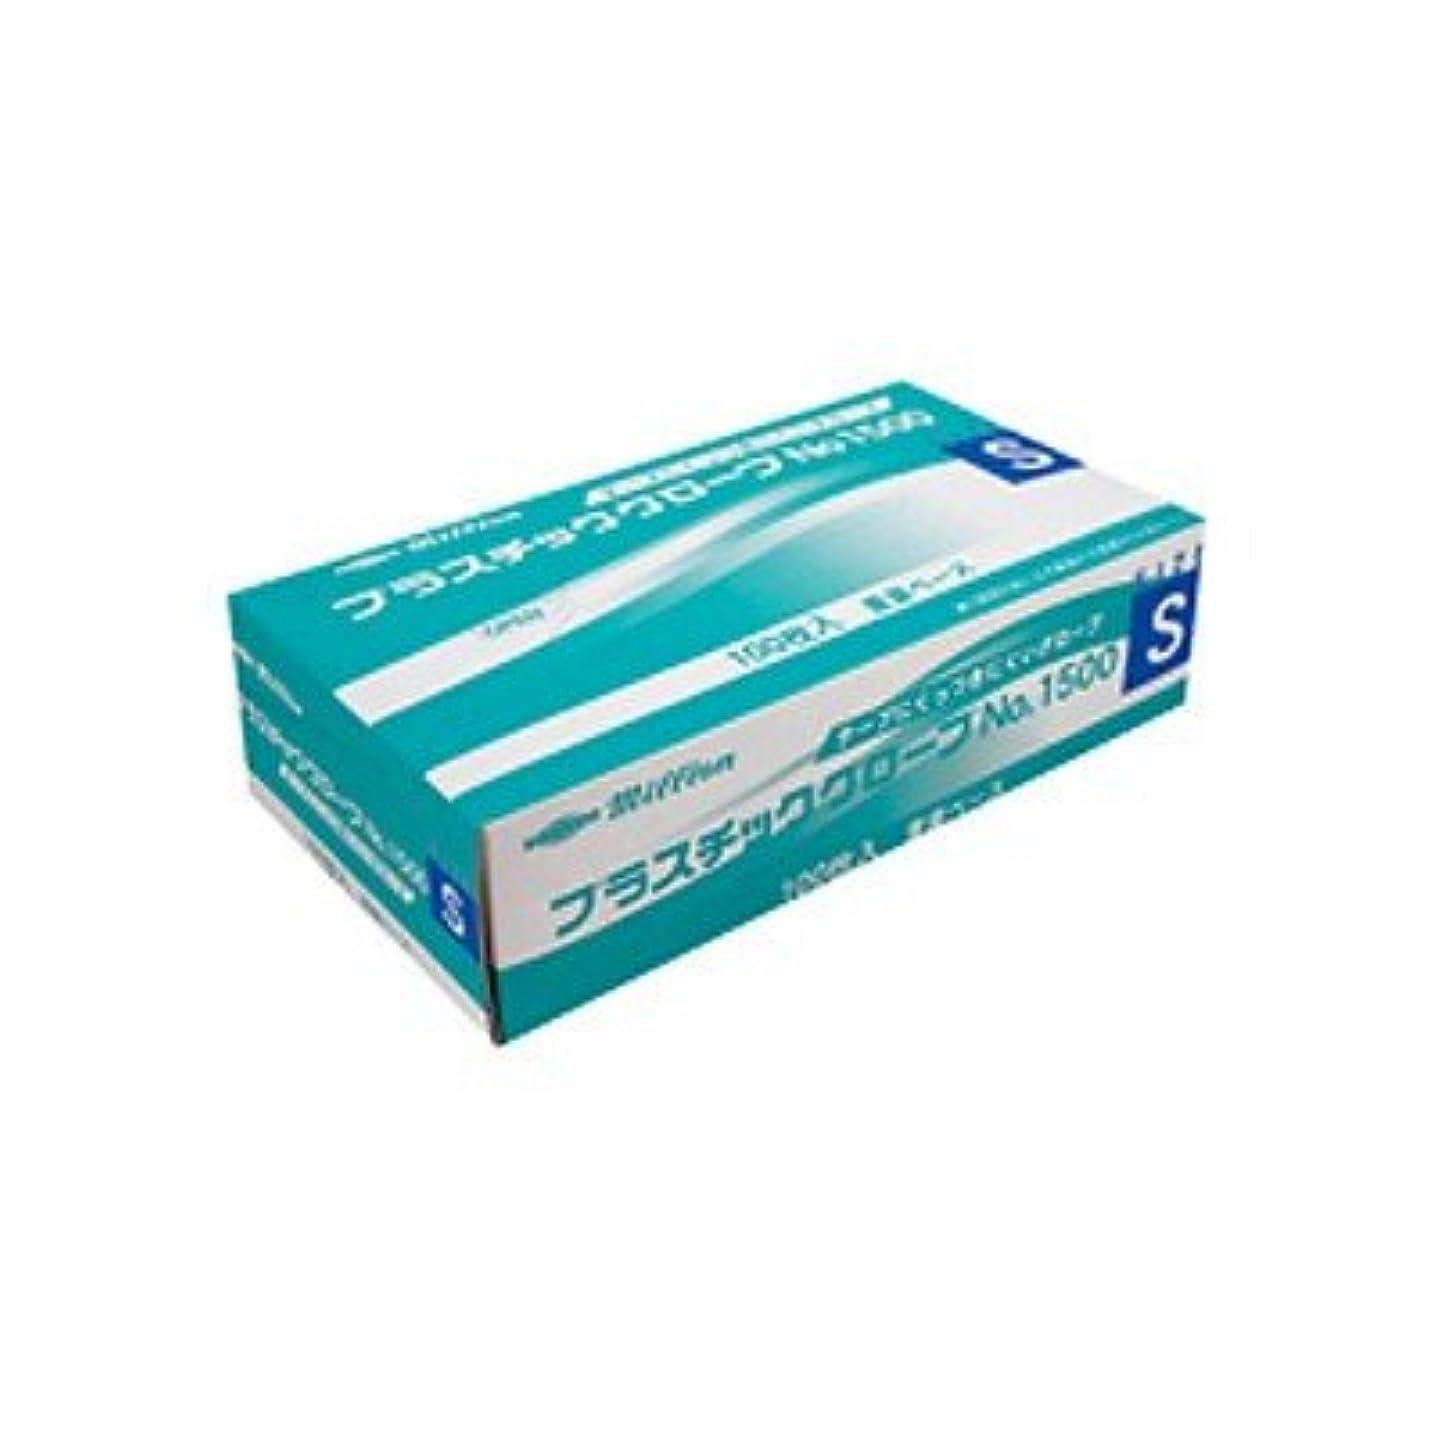 リーズスローガイドラインミリオン プラスチック手袋 粉付No.1500 S 品番:LH-1500-S 注文番号:62741583 メーカー:共和